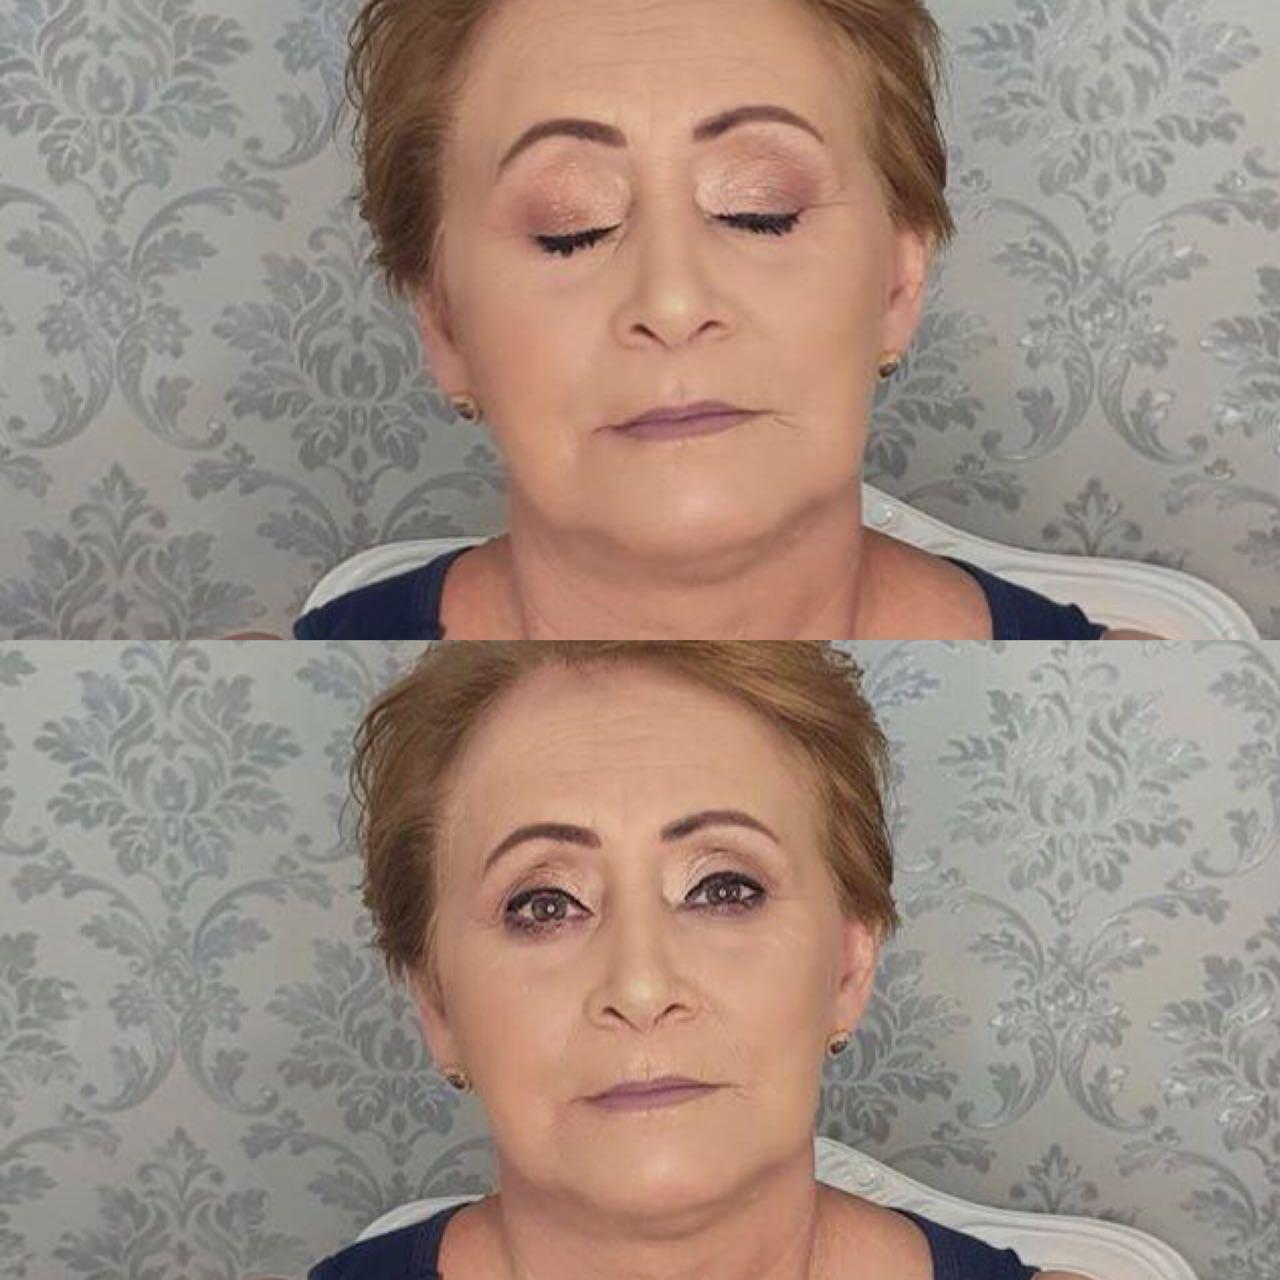 #pelemadura #maquiagem #maedanoiva maquiagem maquiador(a)